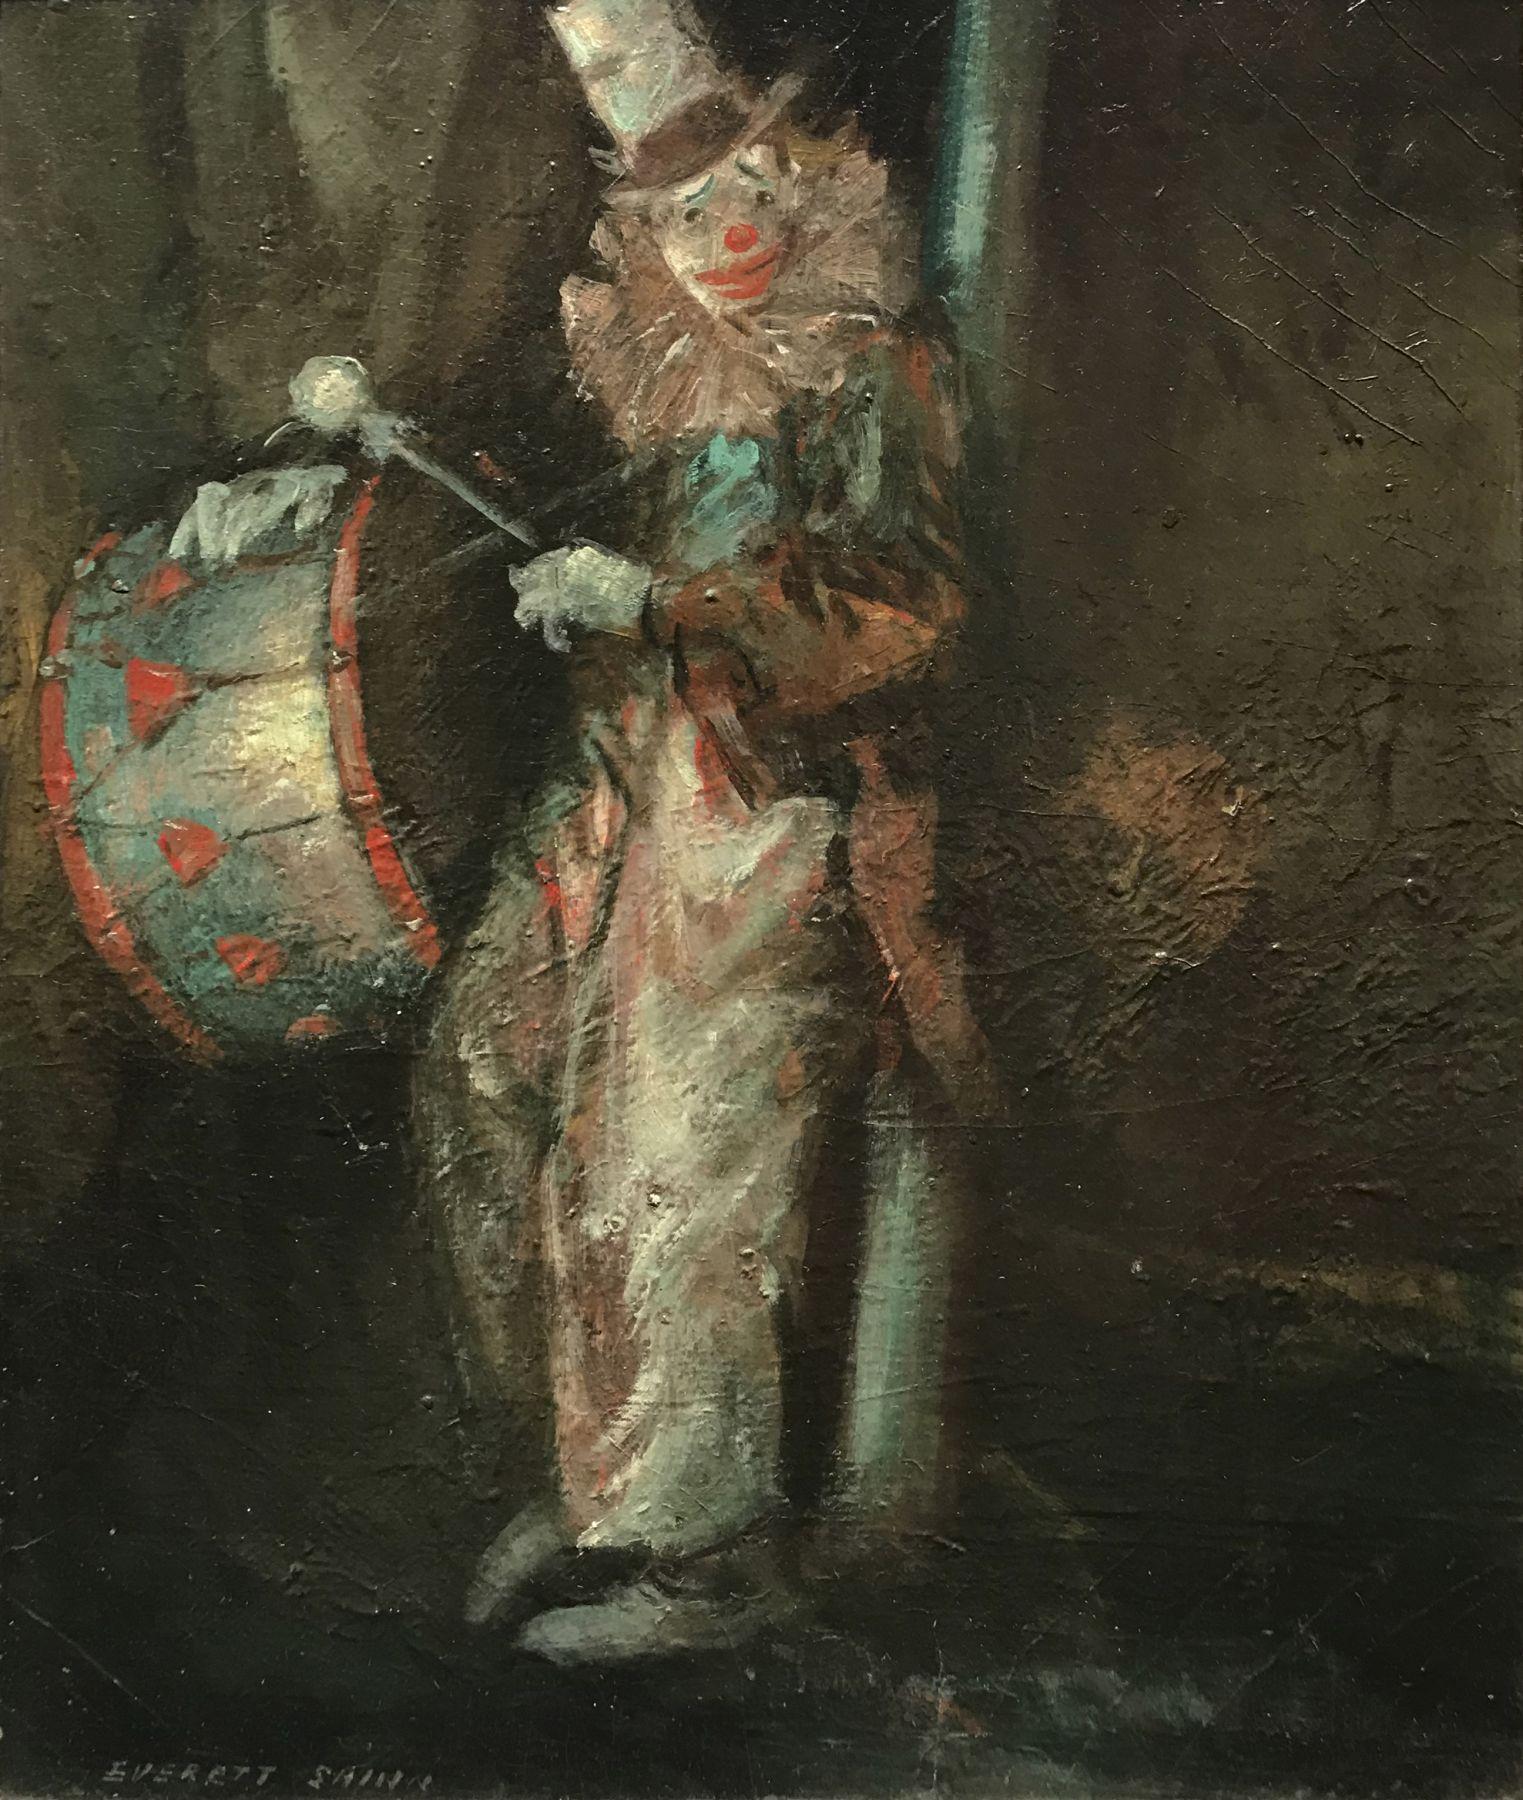 Everett Shinn, Clown with Drum, c. 1940, oil on board, 11 3/4 x 10 3/4 inches